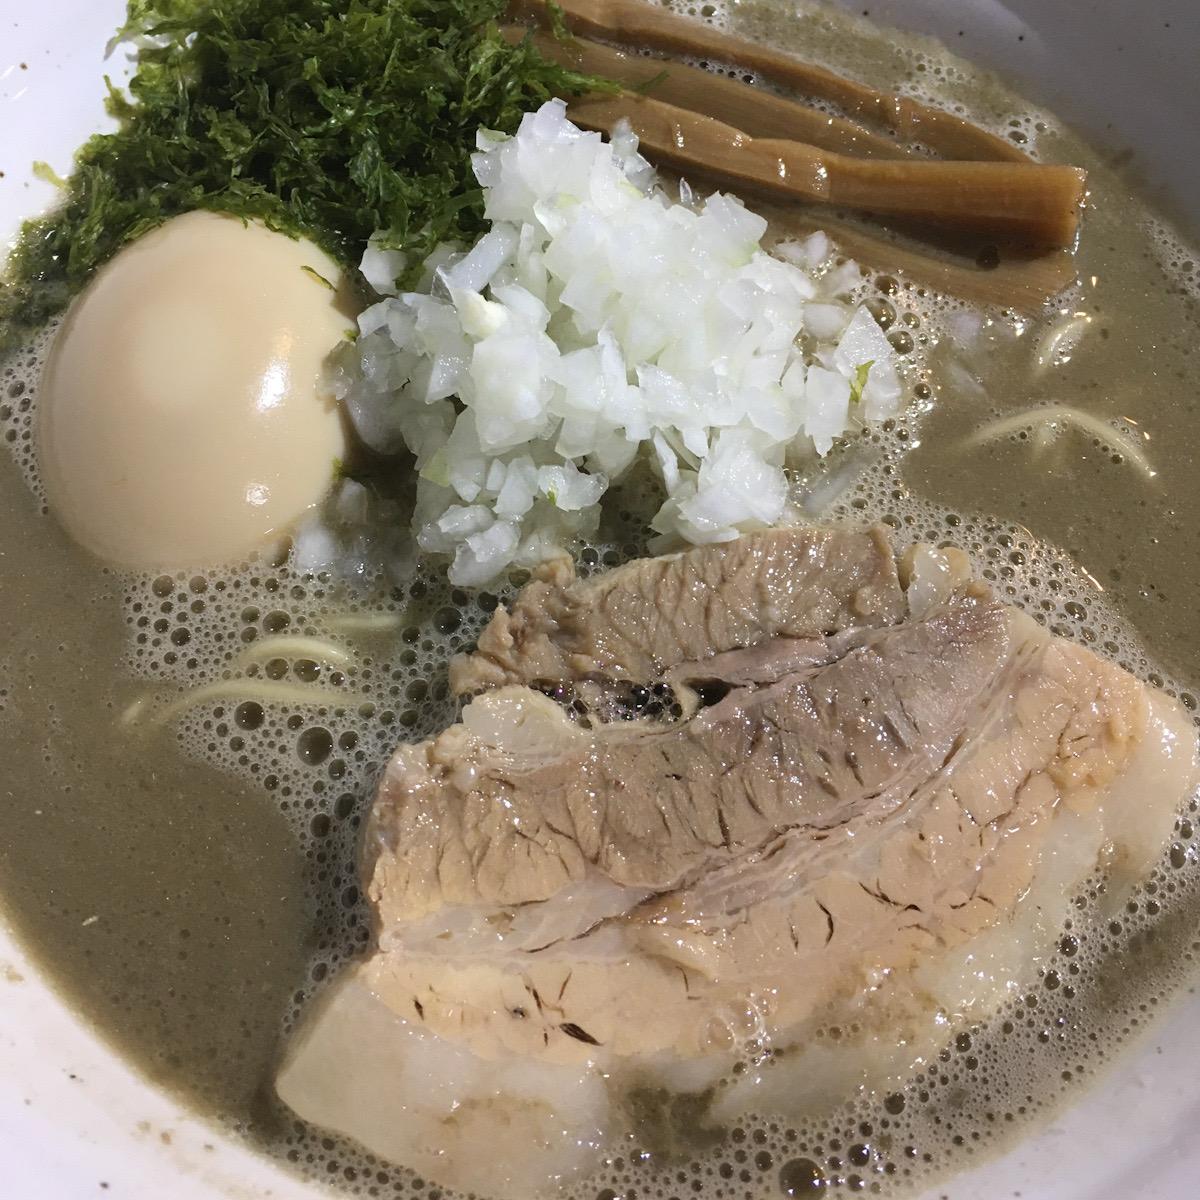 灰色のスープが濃厚すぎる煮干しスープ!ラーメン屋ジョンの味玉濃厚煮干しラーメン!